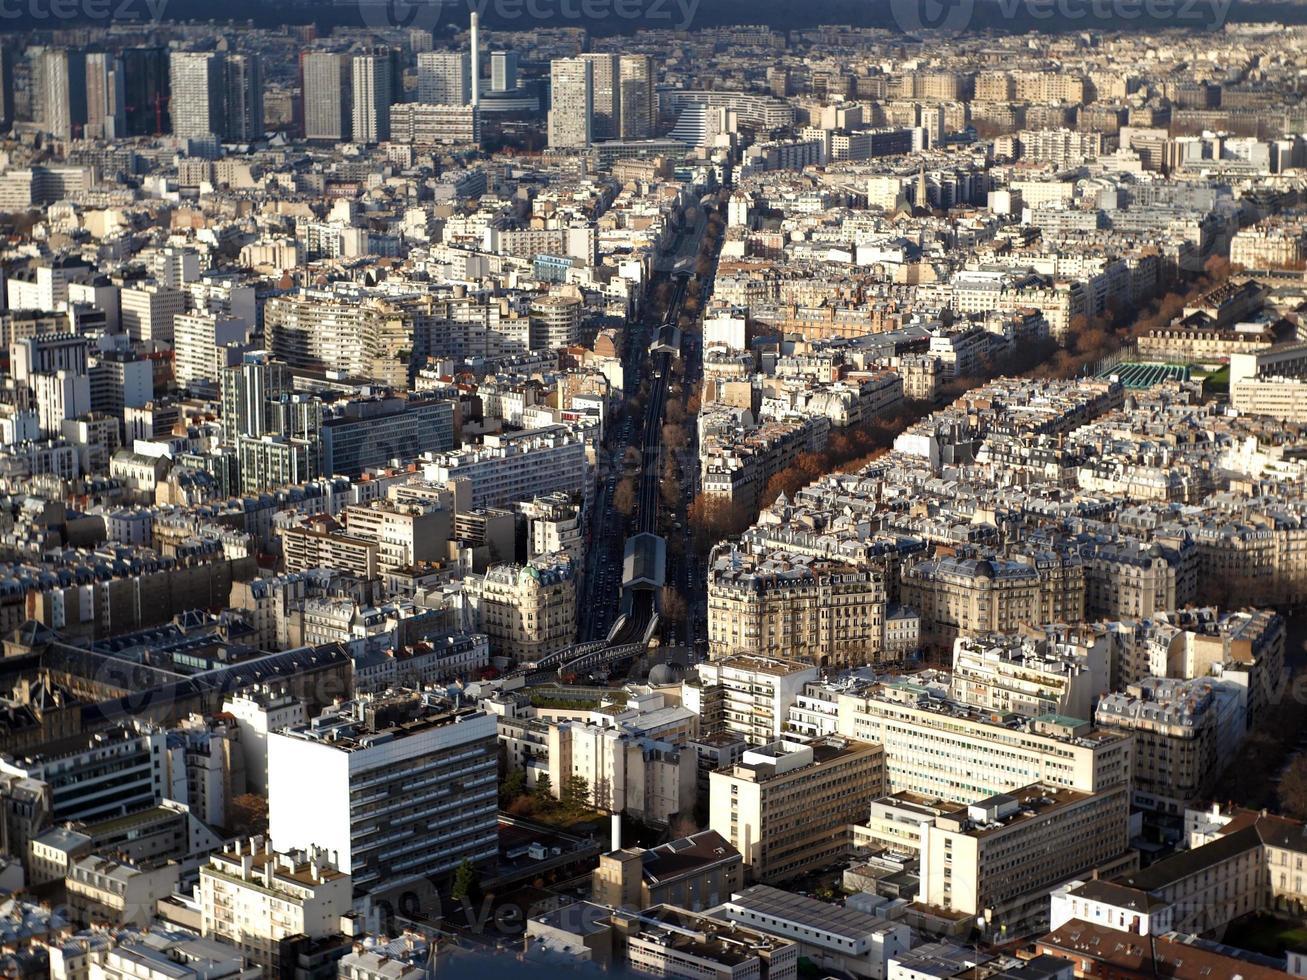 Paris aerial view photo